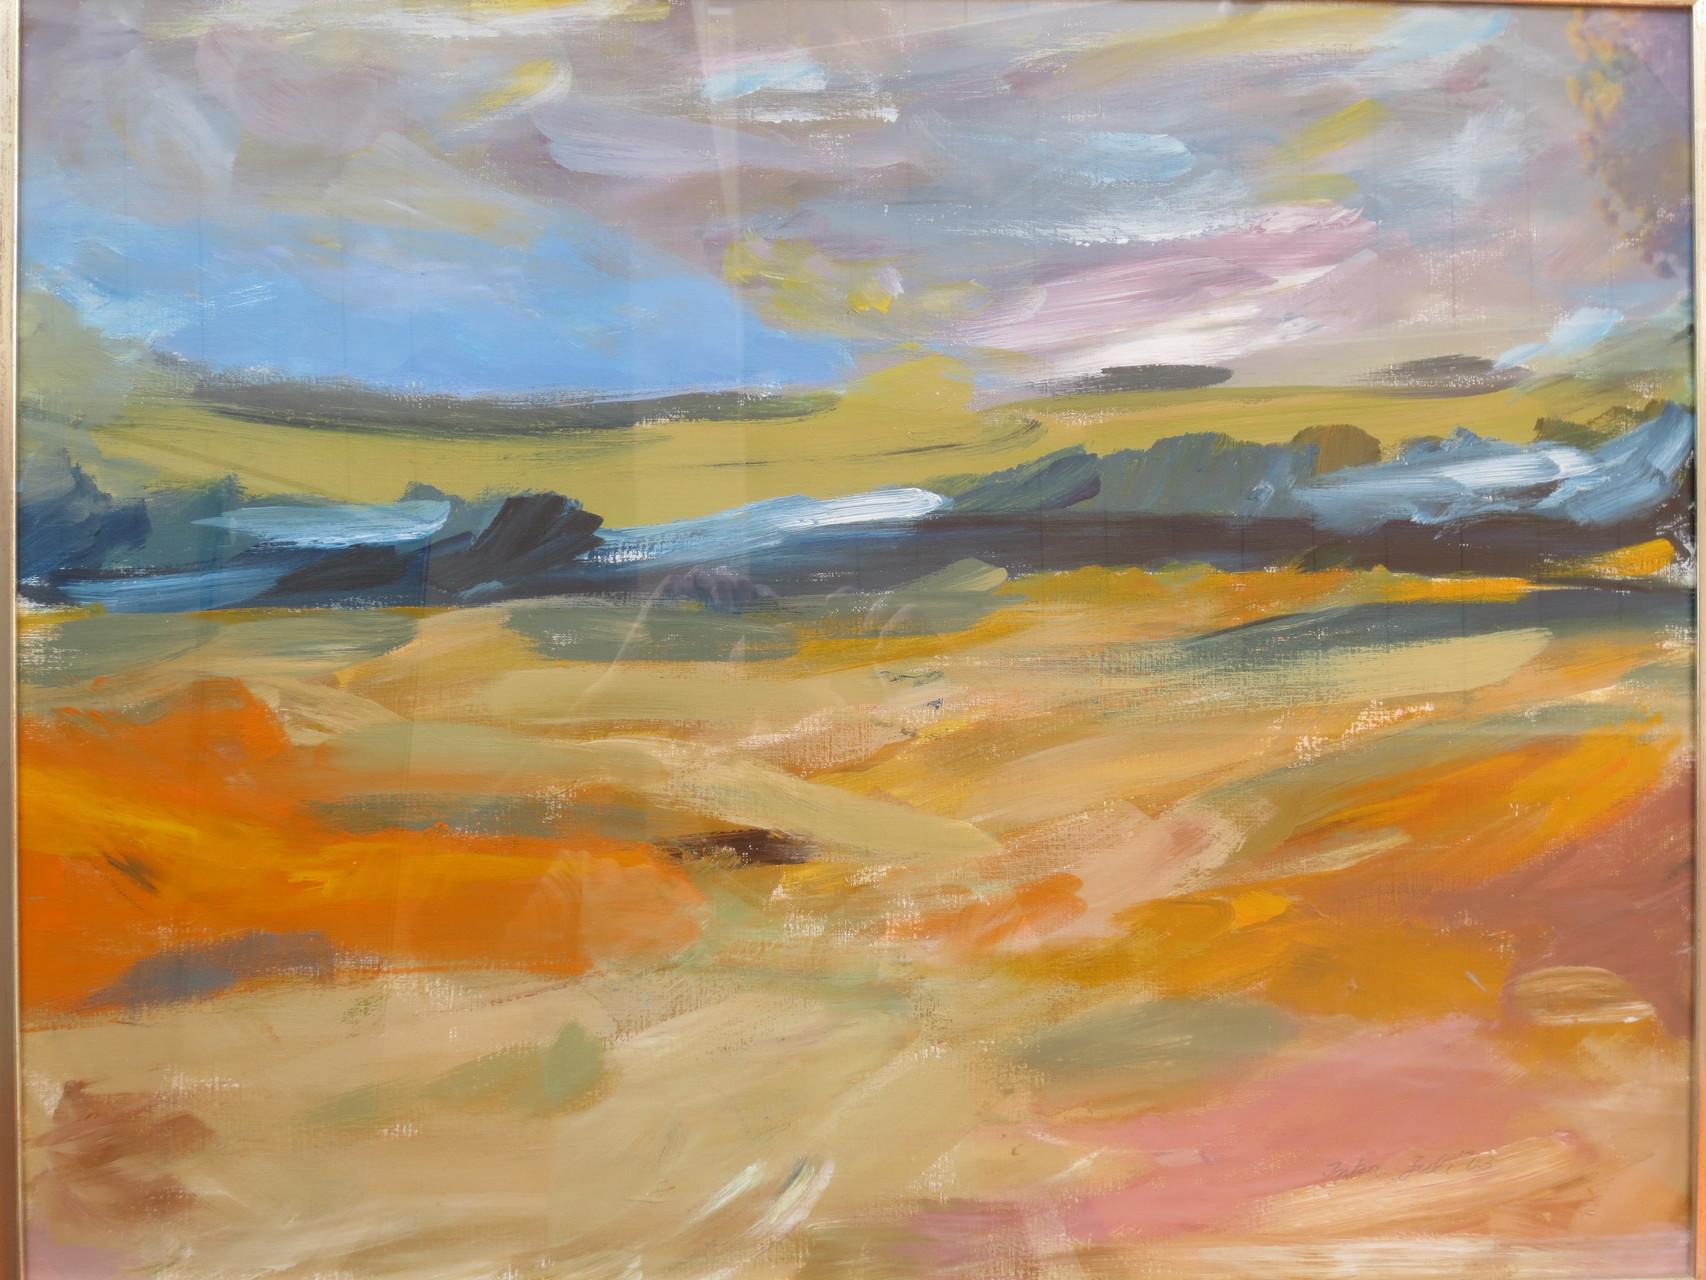 Himmel und Erde 2 (60 x 80) Acryl auf Papier, gerahmt